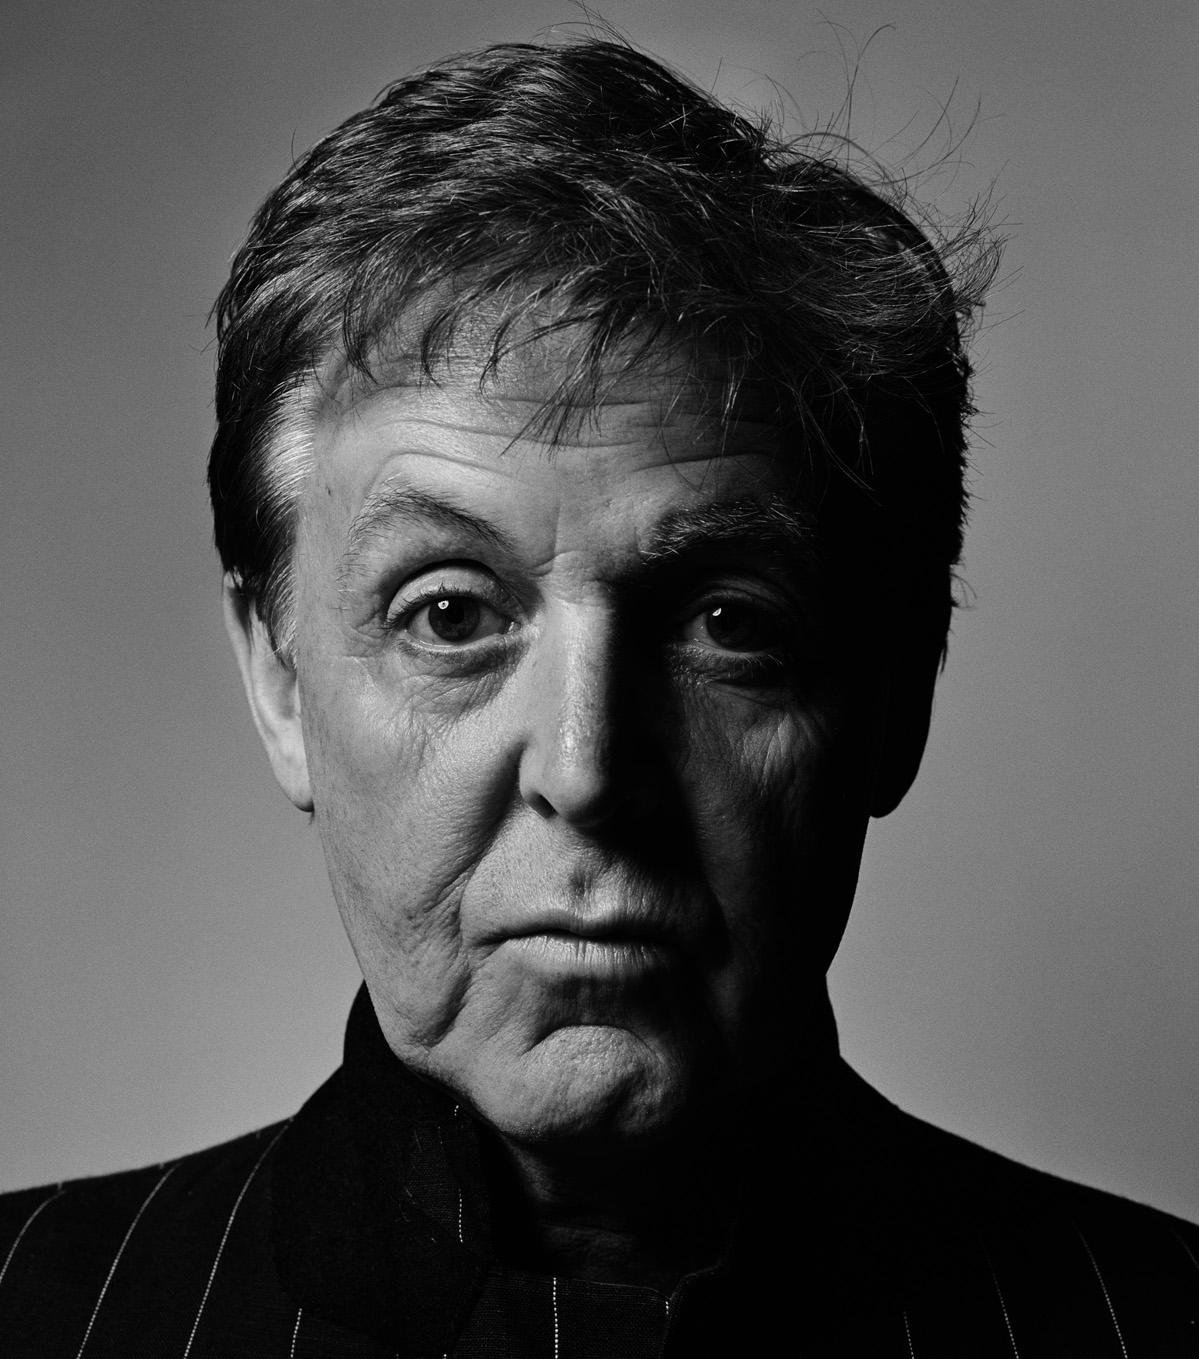 Paul+McCartney.jpg